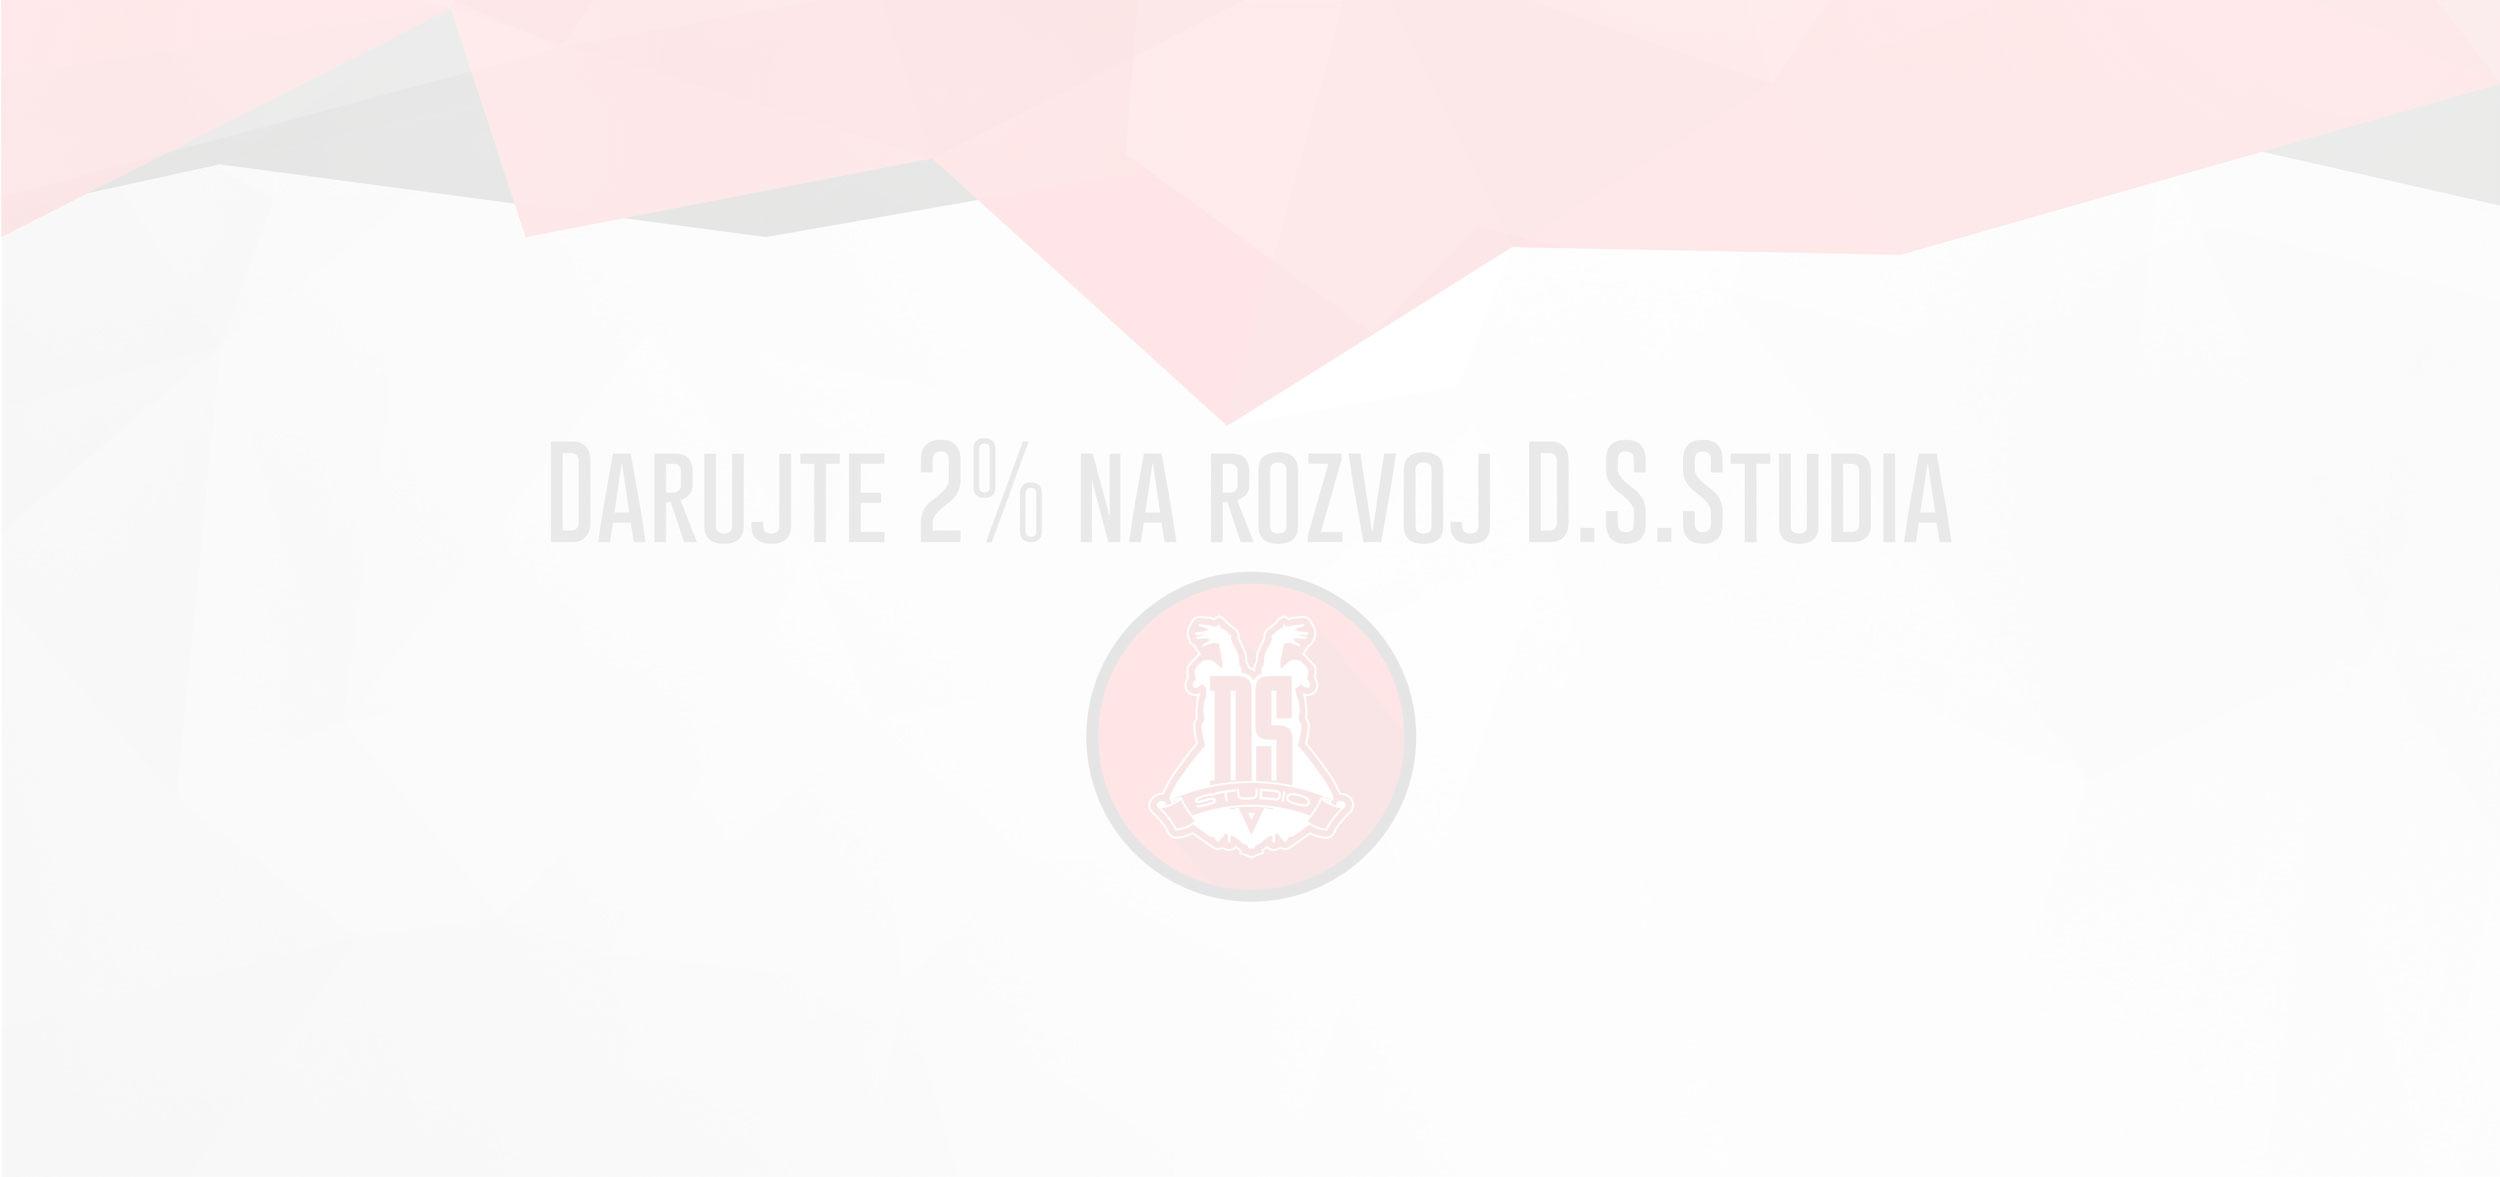 Darujte 2% na rozvoj D.S.Studia